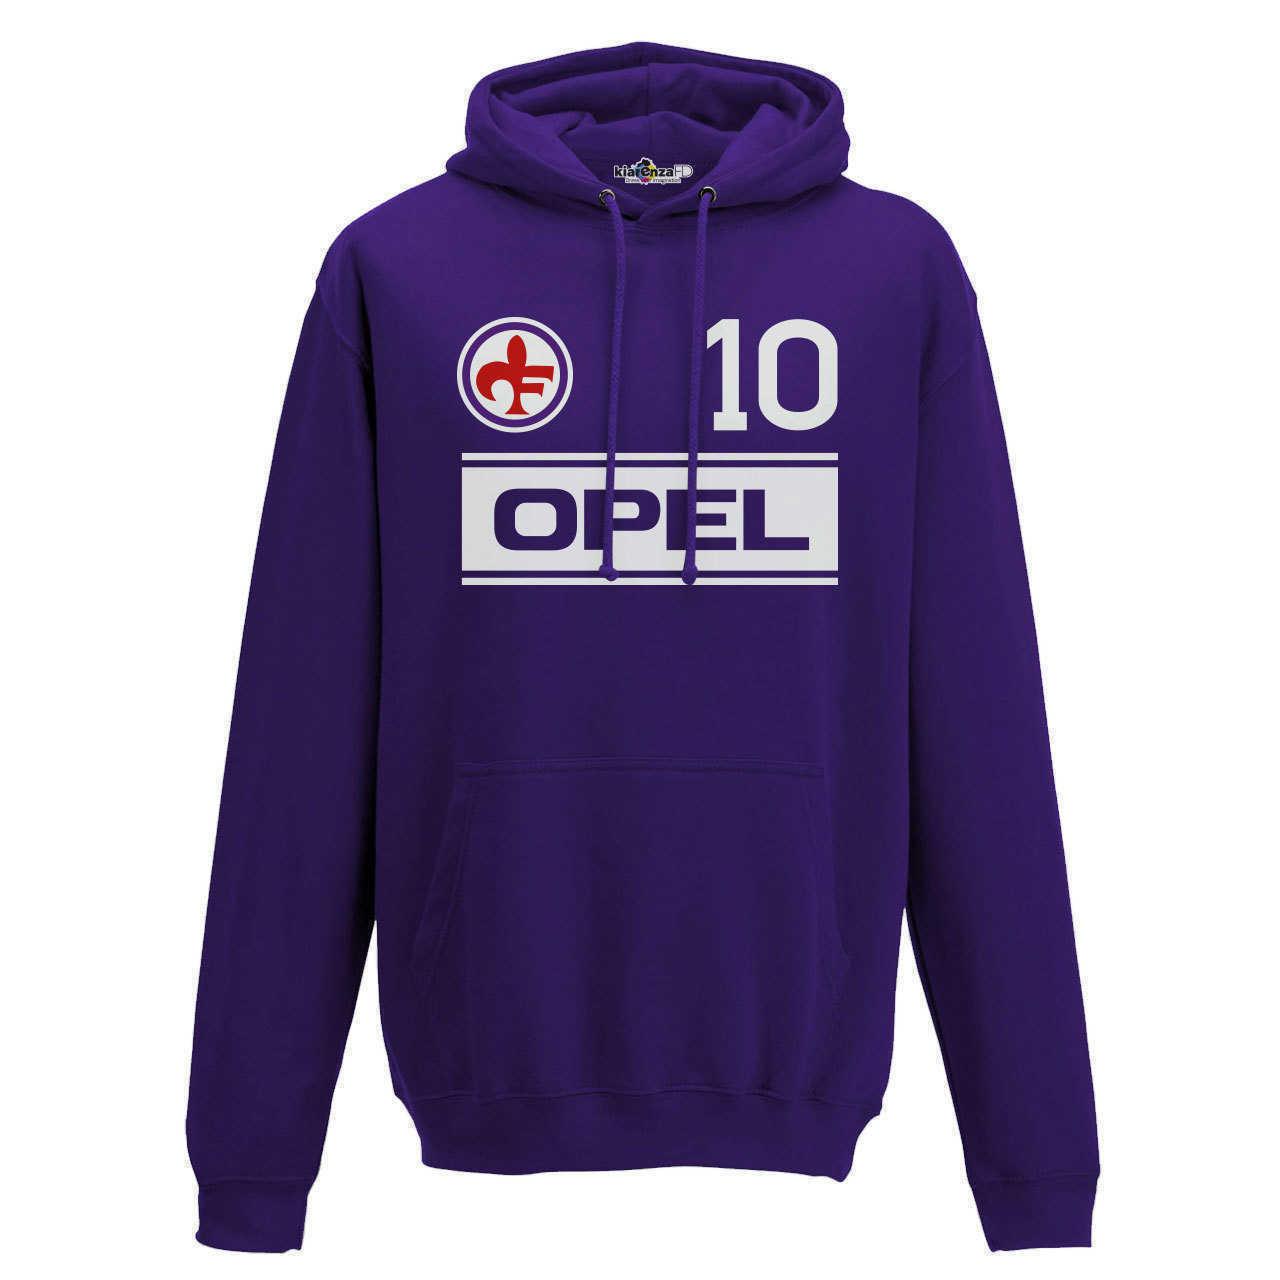 Felpa Cappuccio Calcio Vintage Giancarlo Fiorentina 10 Antognoni Stagione 83-84 - Shopping.com